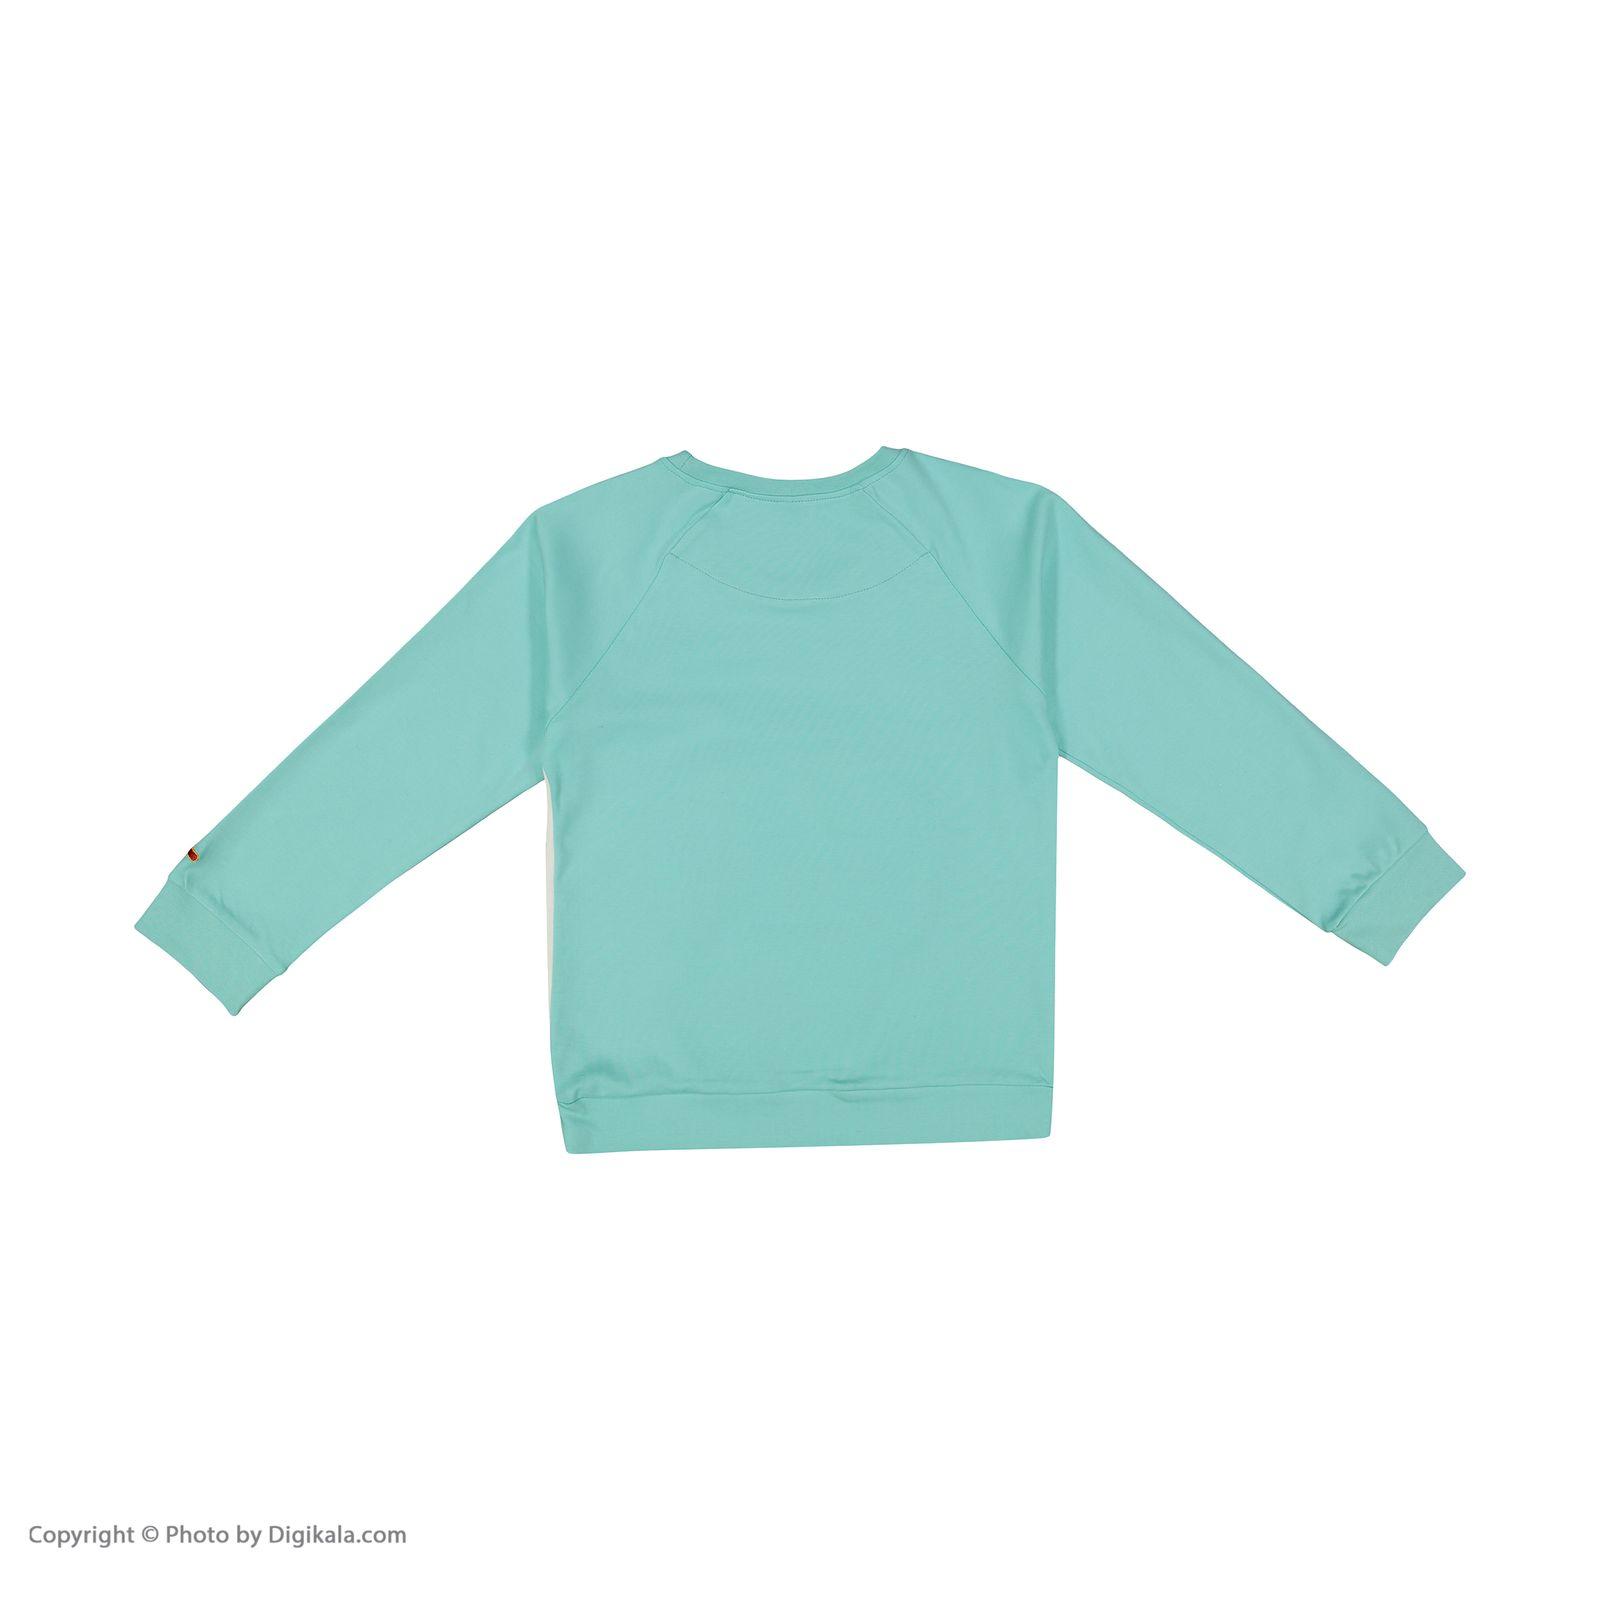 ست تی شرت و شلوار دخترانه مادر مدل 304-54 main 1 7